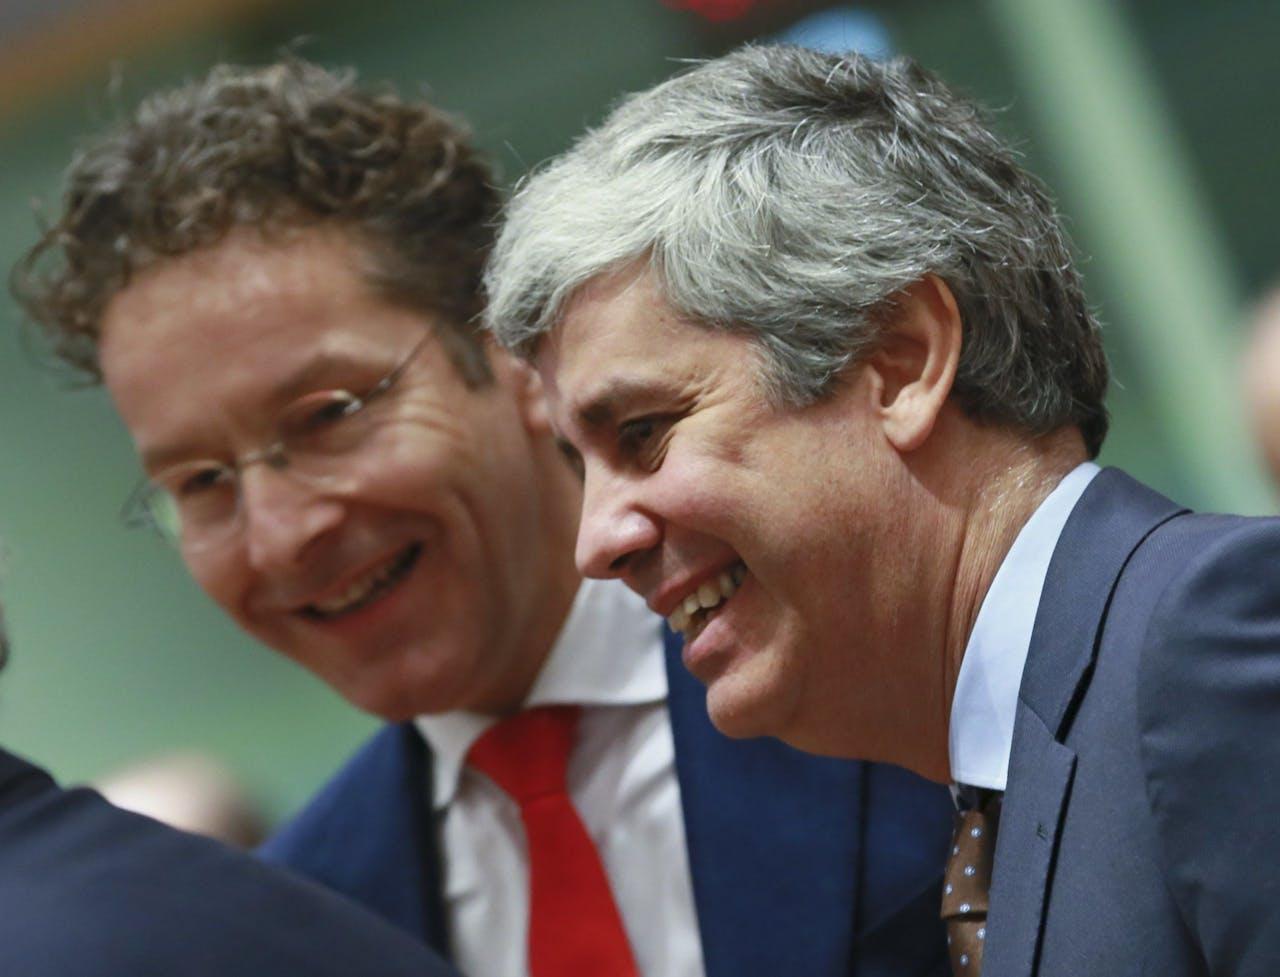 Afzwaaiend voorzitter van de Europgroep Jeroen Dijsselbloem (links) met zijn beoogd opvolger, Mario Centeno (rechts), de Portugese minister van Financiën.